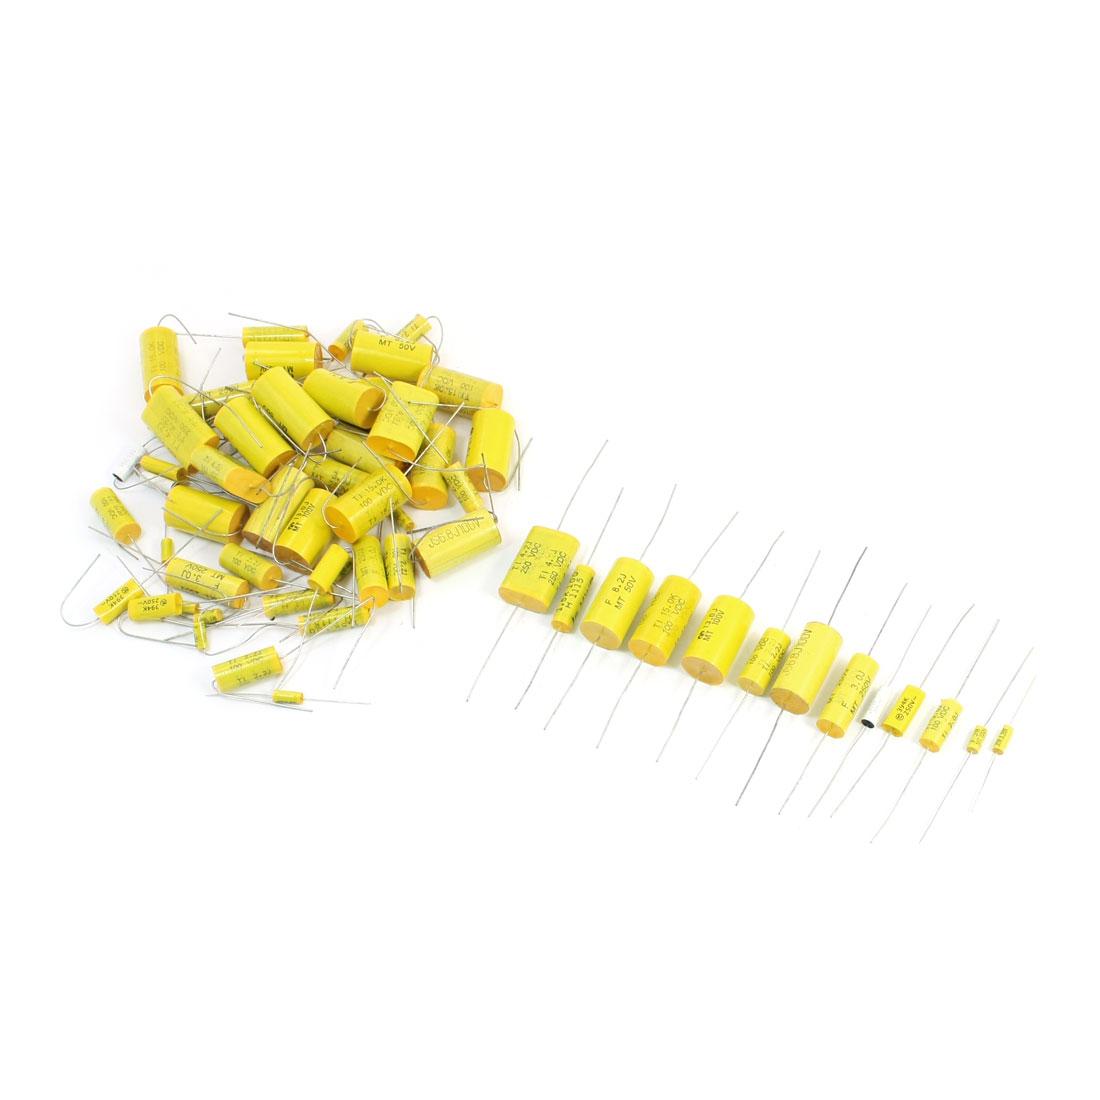 60Pcs 12 Values 0.1uF-15uF Radial Lead DIP Ceramic Capacitors